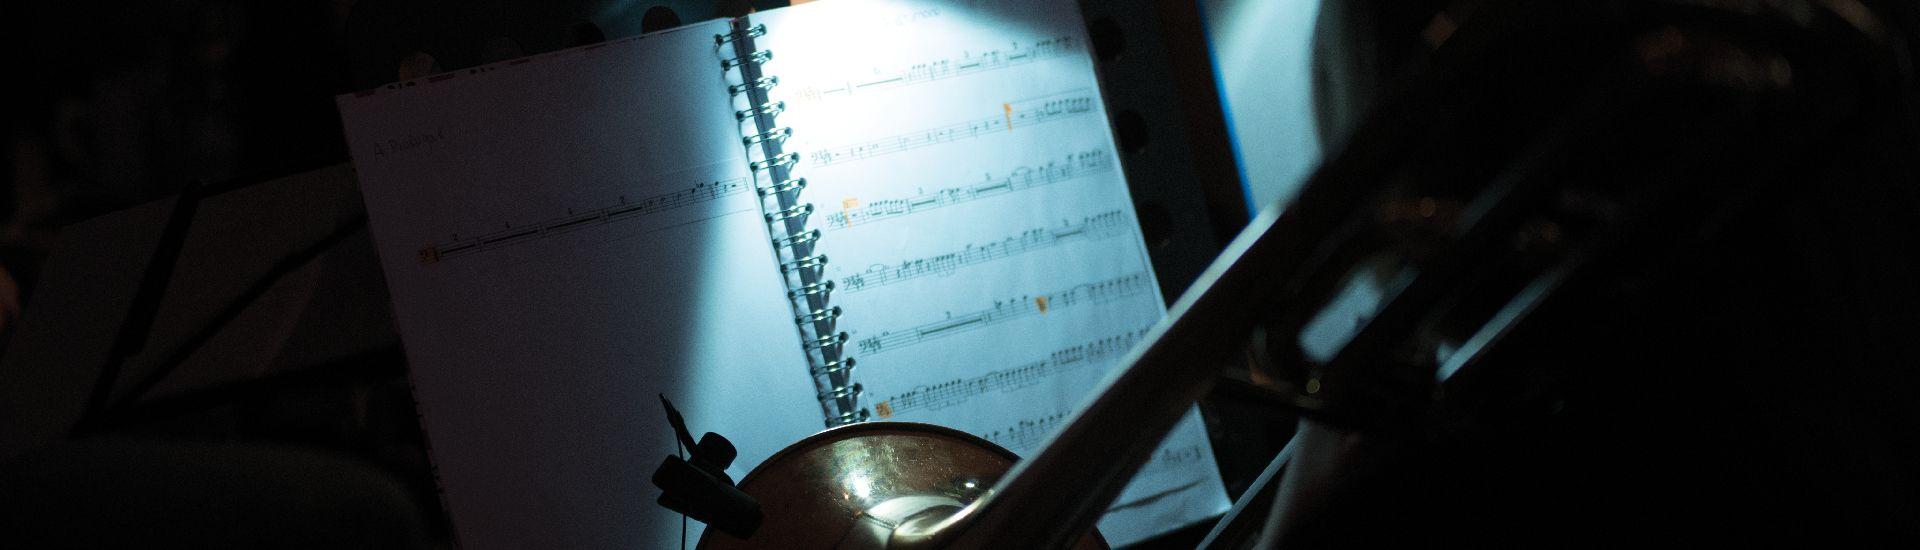 Weitere musikalische Aktivitäten